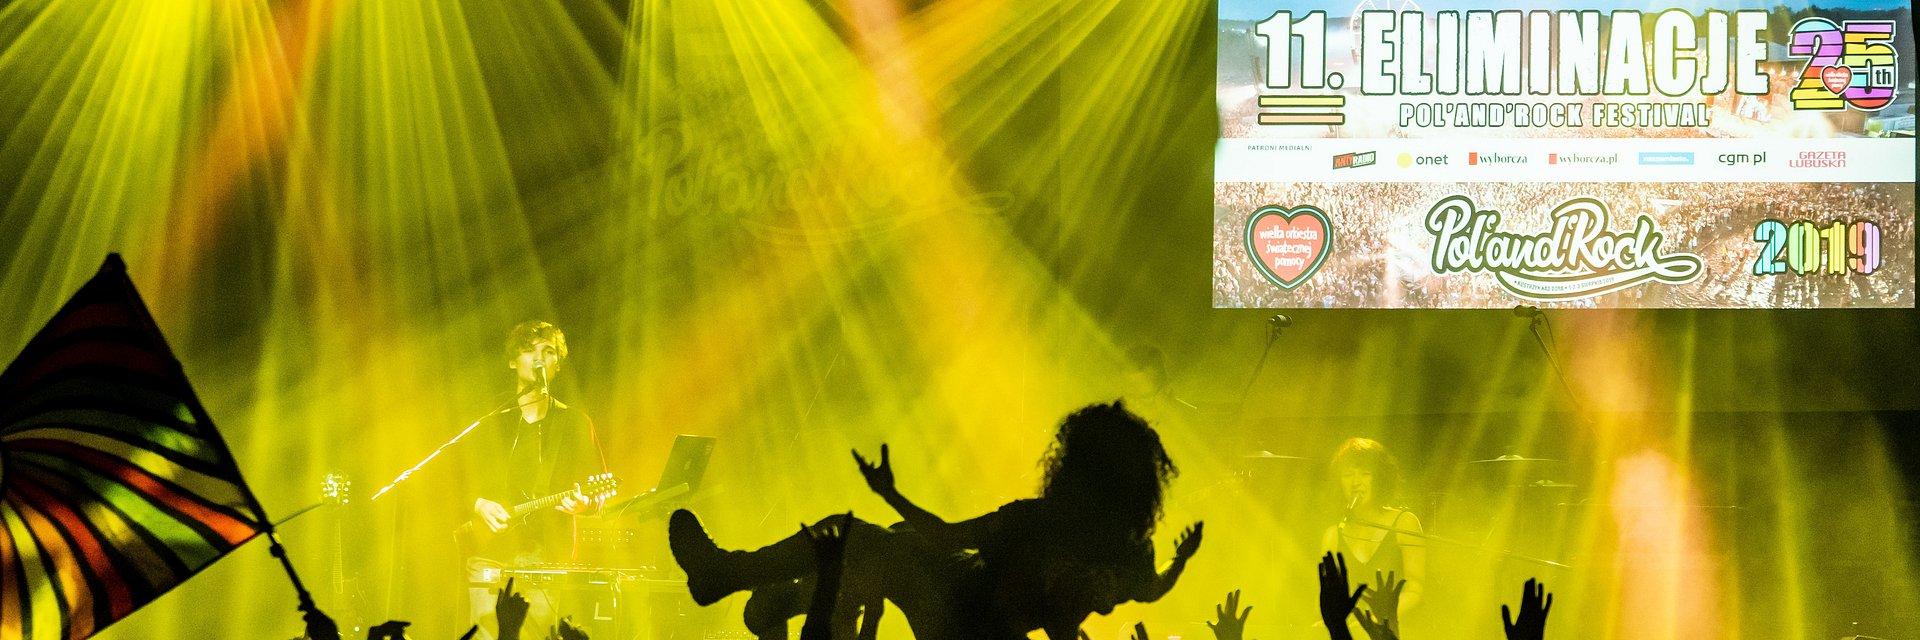 Moc jest w nas —zakończyliśmy kolejne koncerty eliminacyjne do Pol'and'Rock Festival!